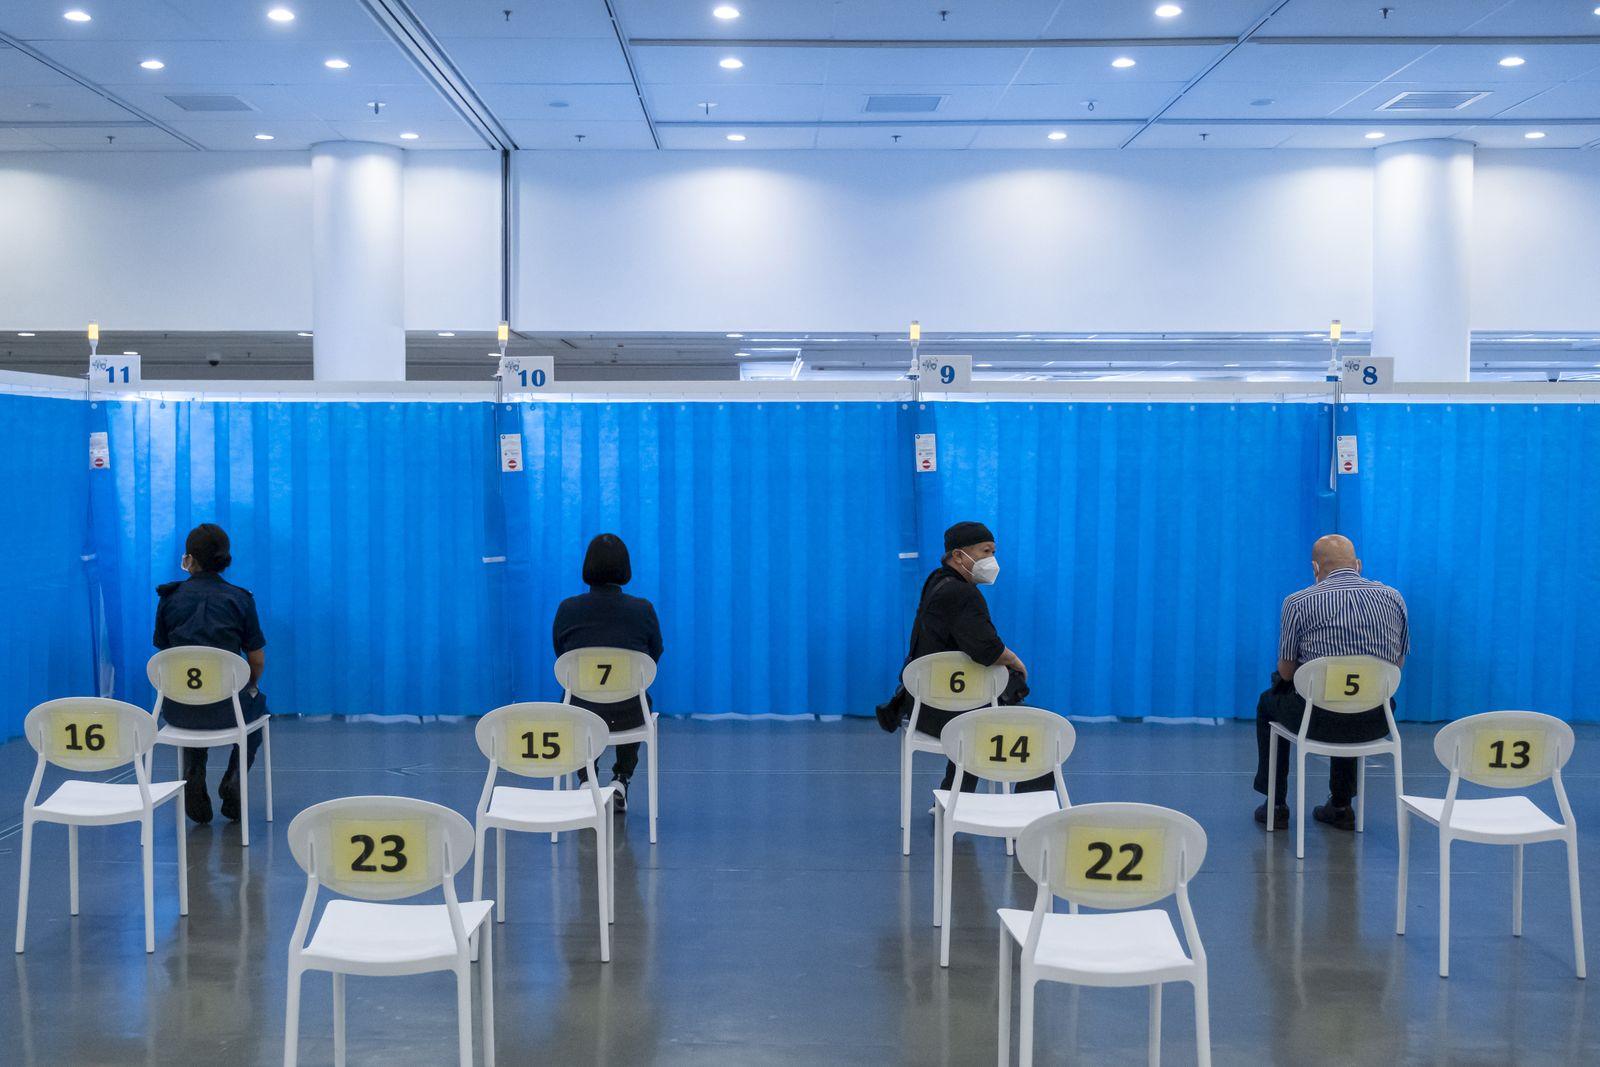 COVID-19 vaccination drive in Hong Kong